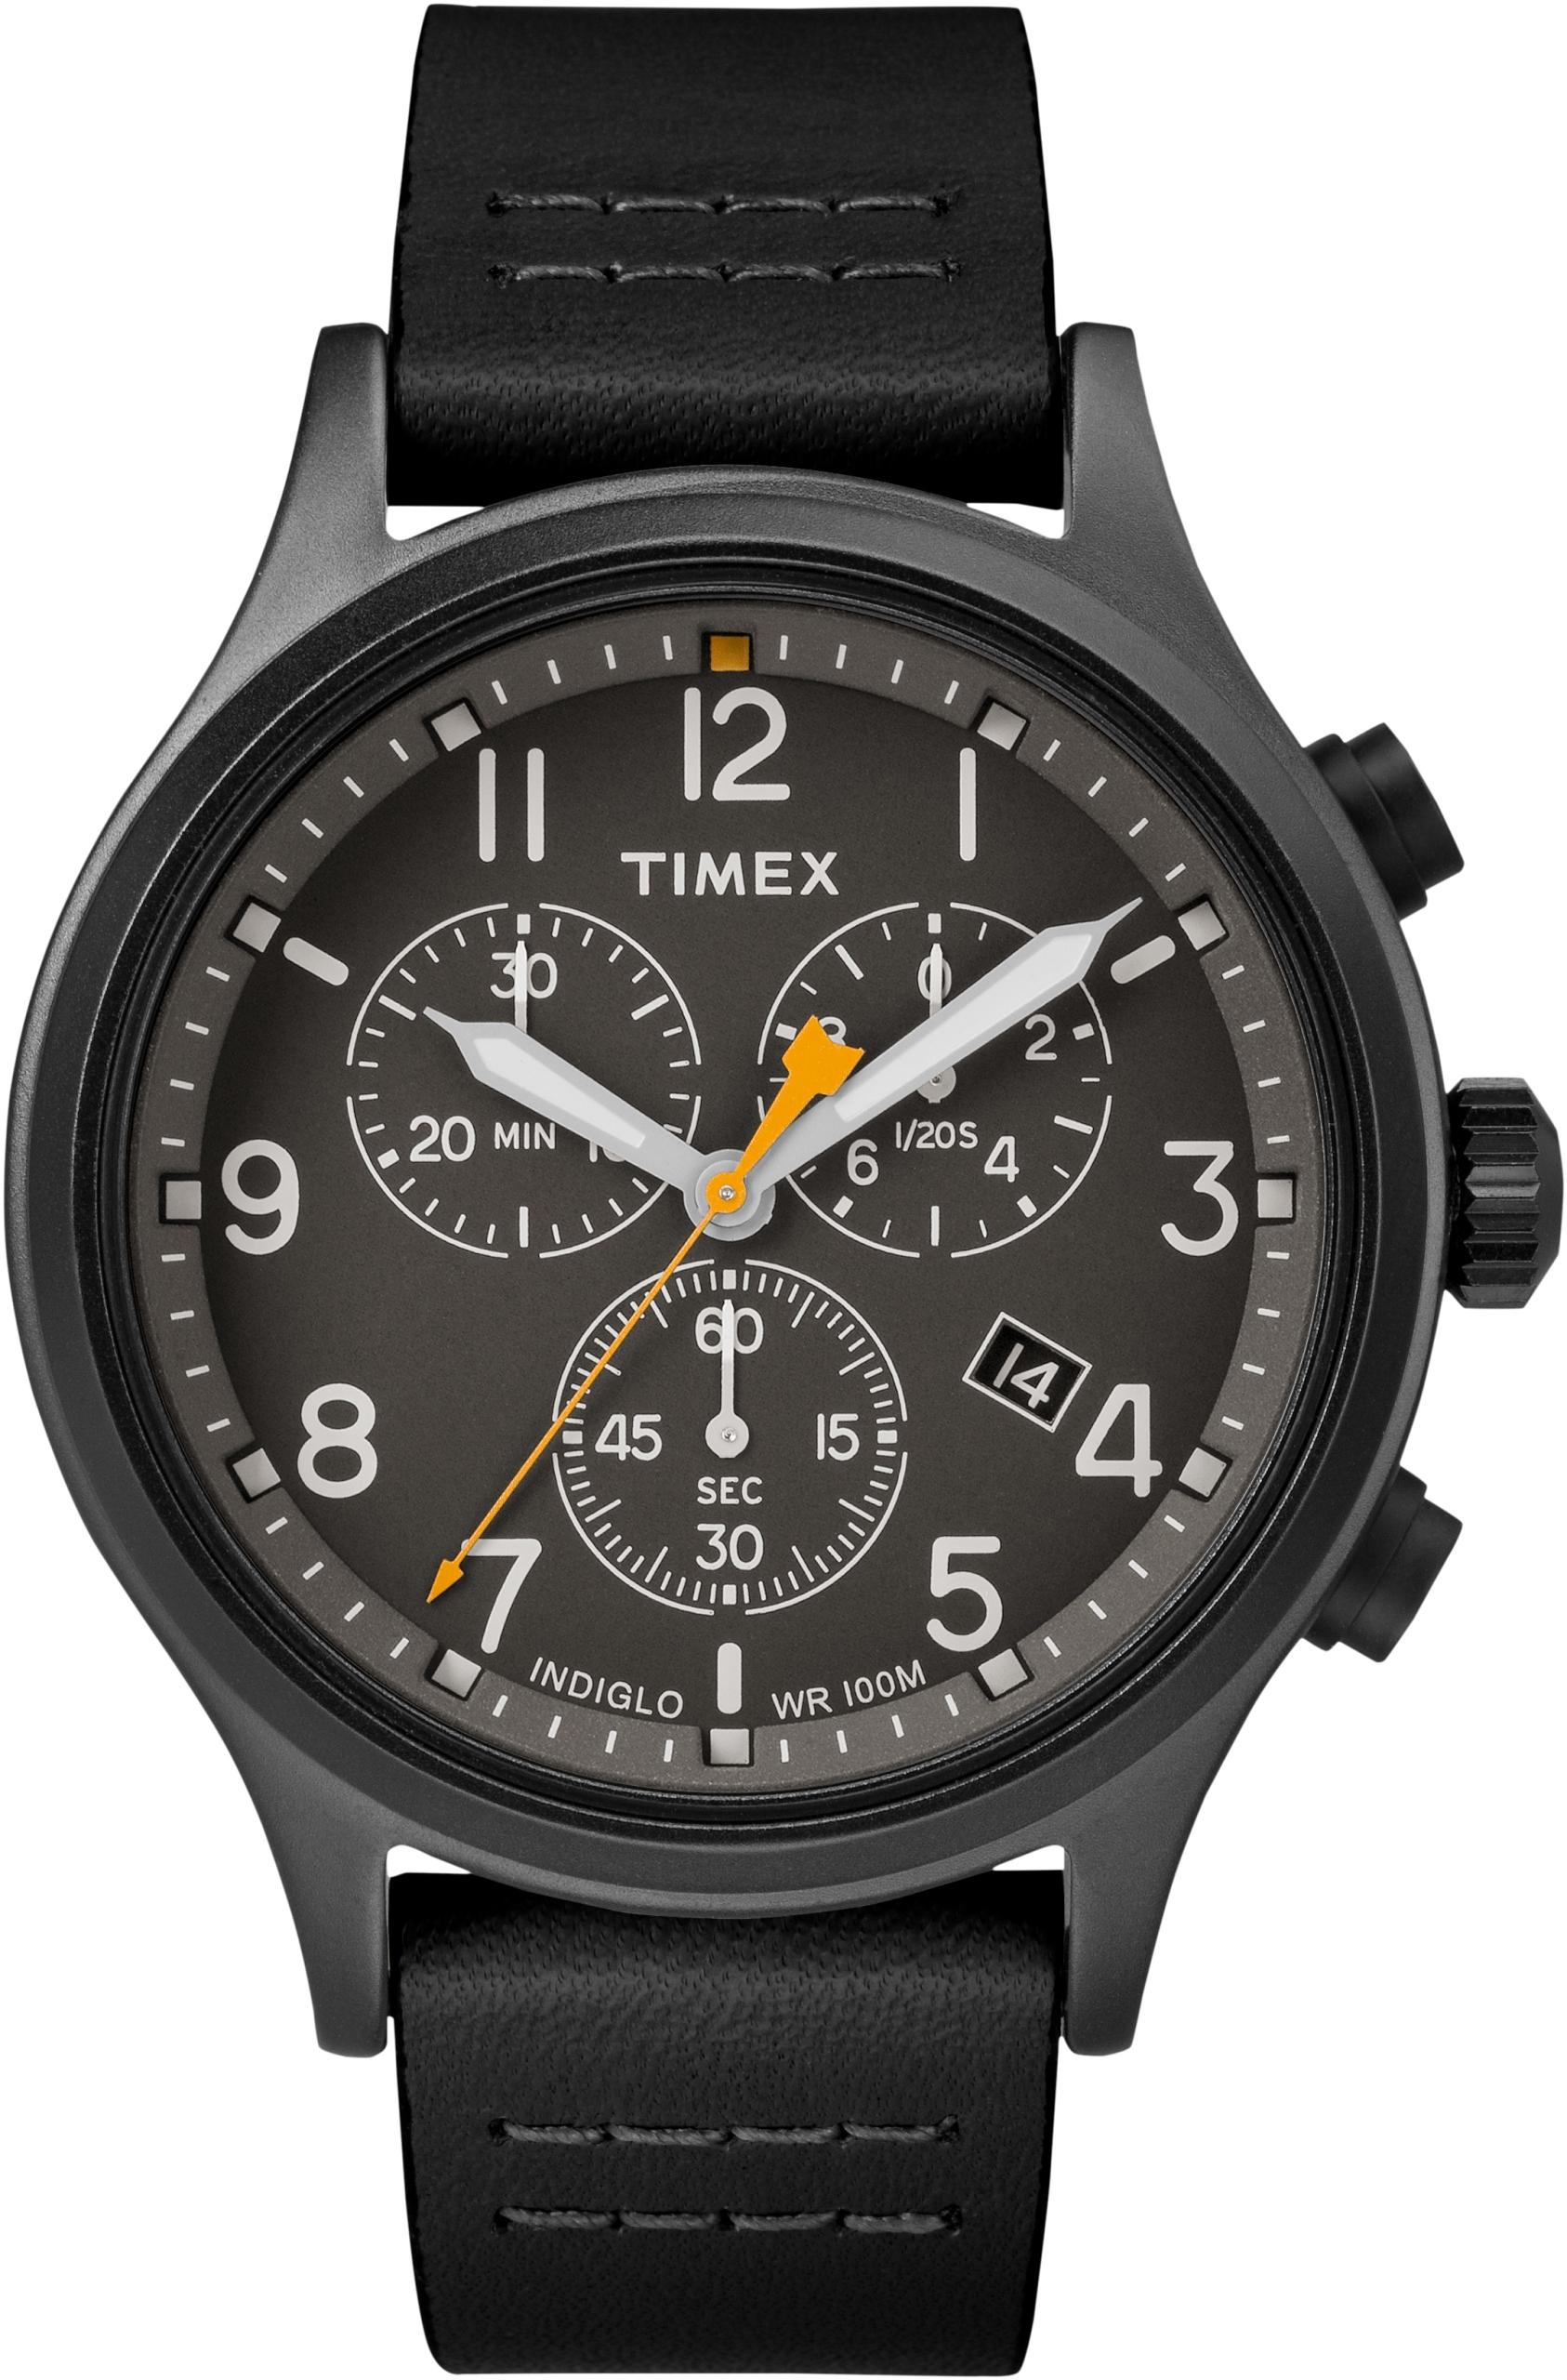 Zegarek męski Timex TW2R47500 Allied Chrono czarny